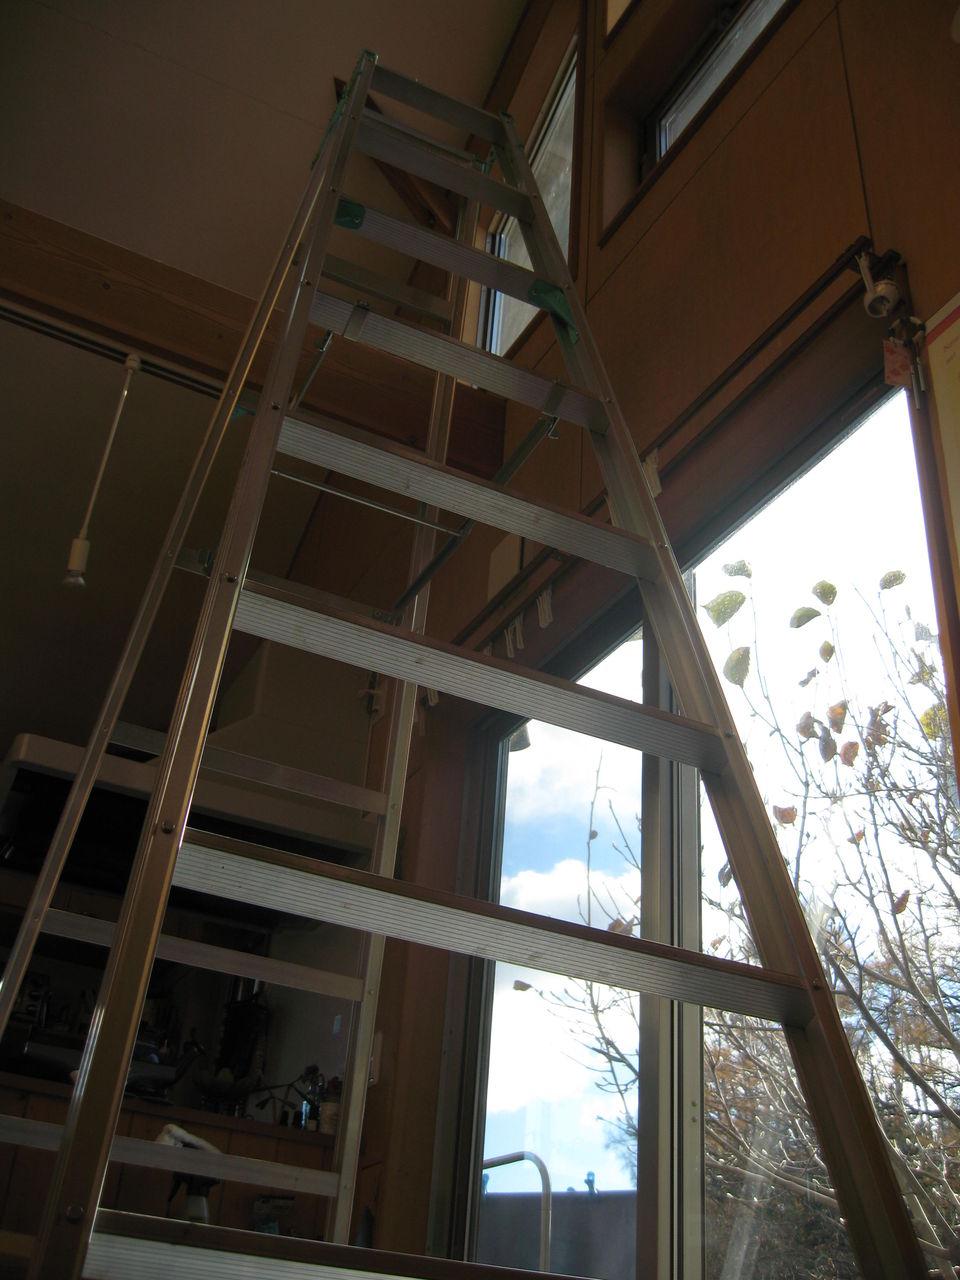 吹き抜け 窓 掃除